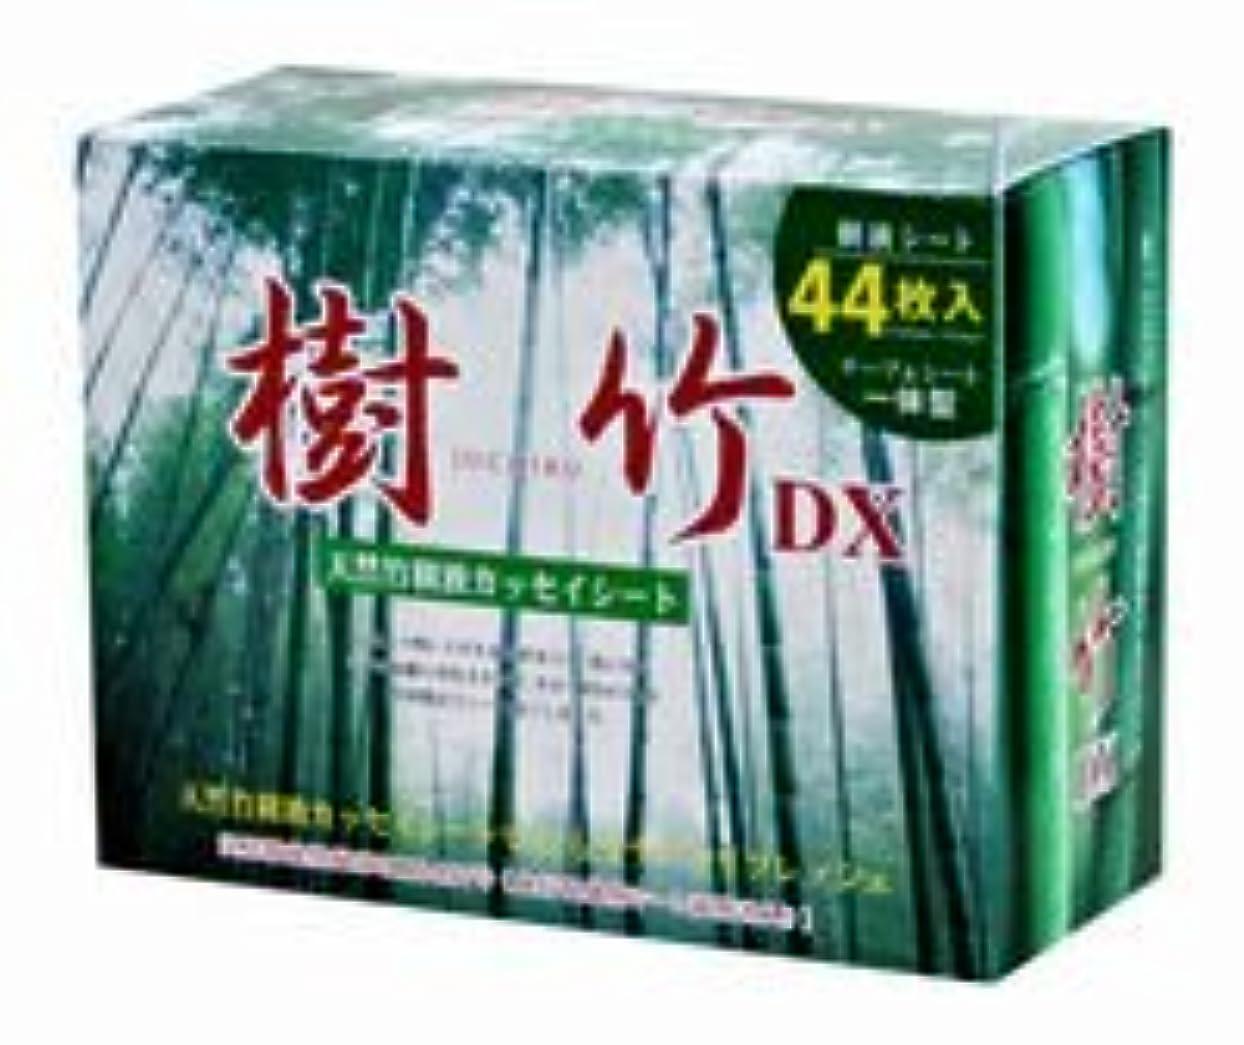 忙しい任意近所の樹竹DX 44枚入 3箱セット